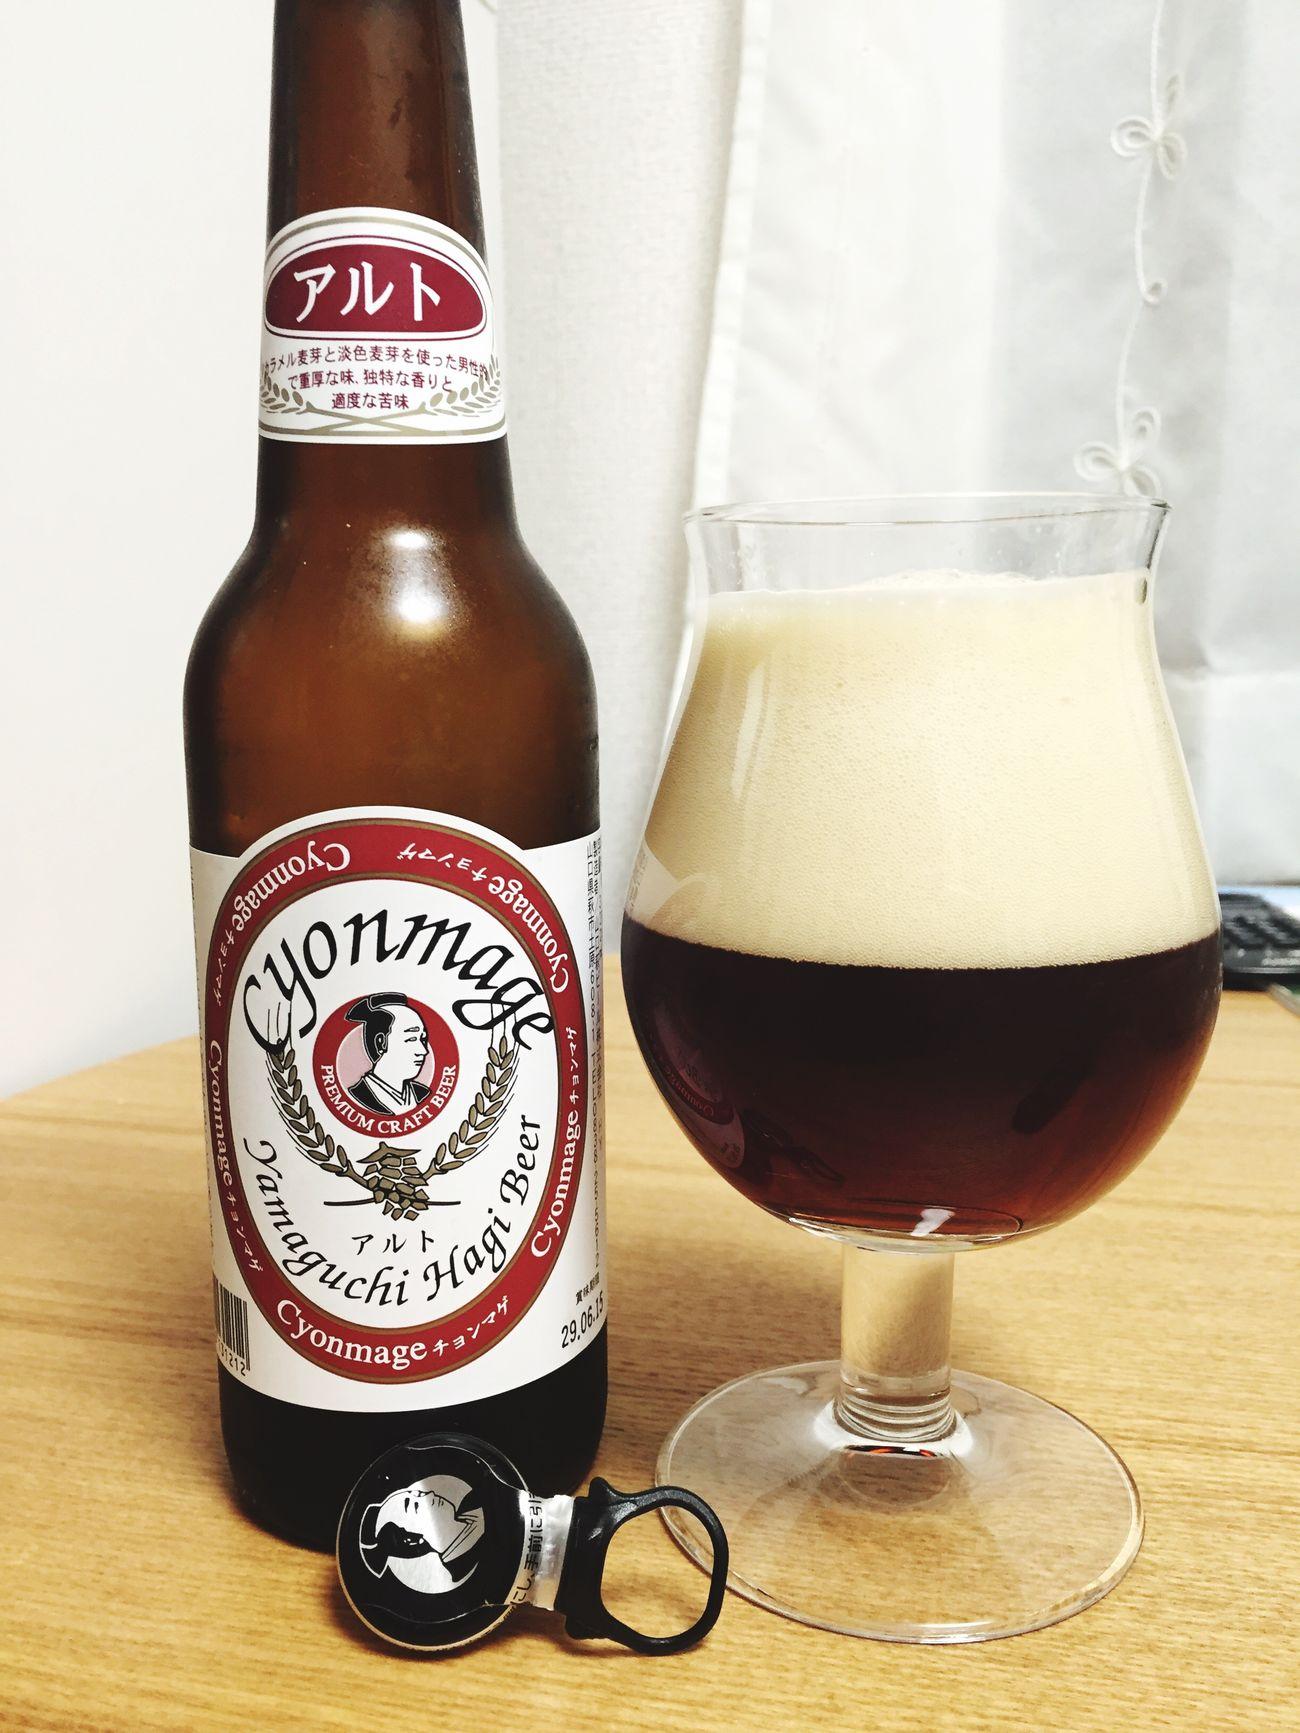 ちょんまげビール アルト頂き( ^ ^ )/■ Beer 麦酒